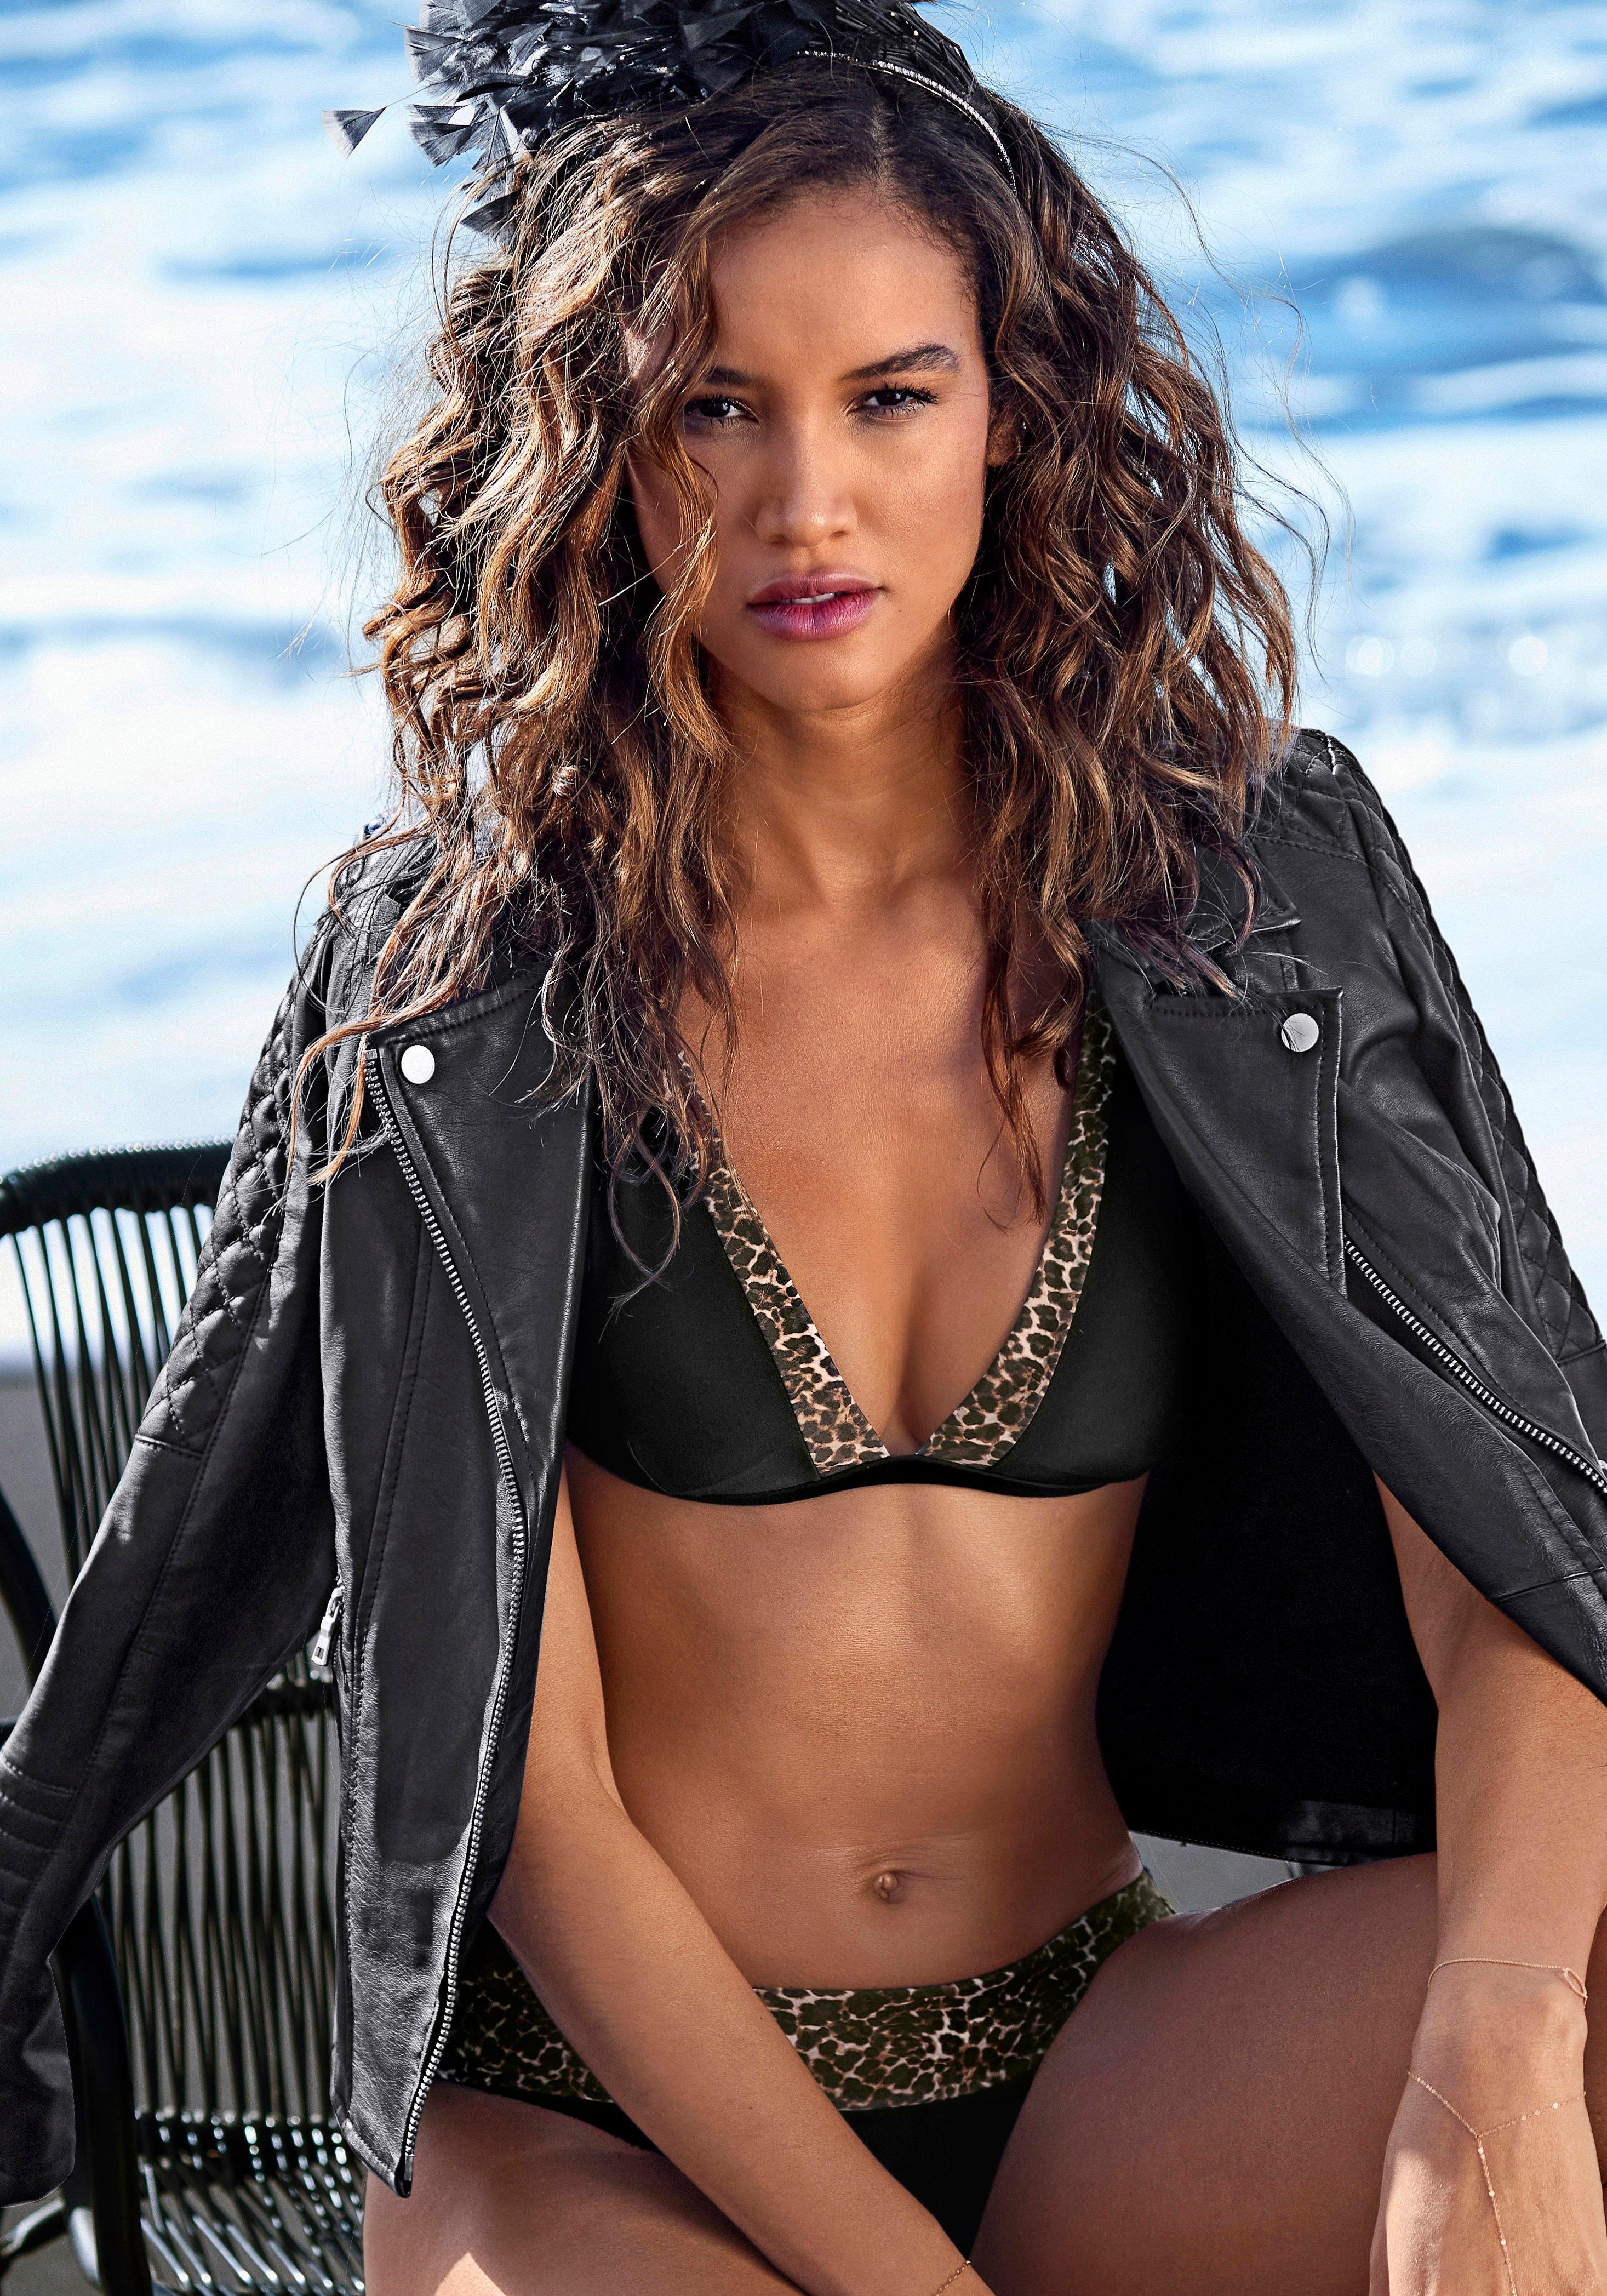 Lascana triangel-bikinitop ADELE met trendy details nu online kopen bij Lascana